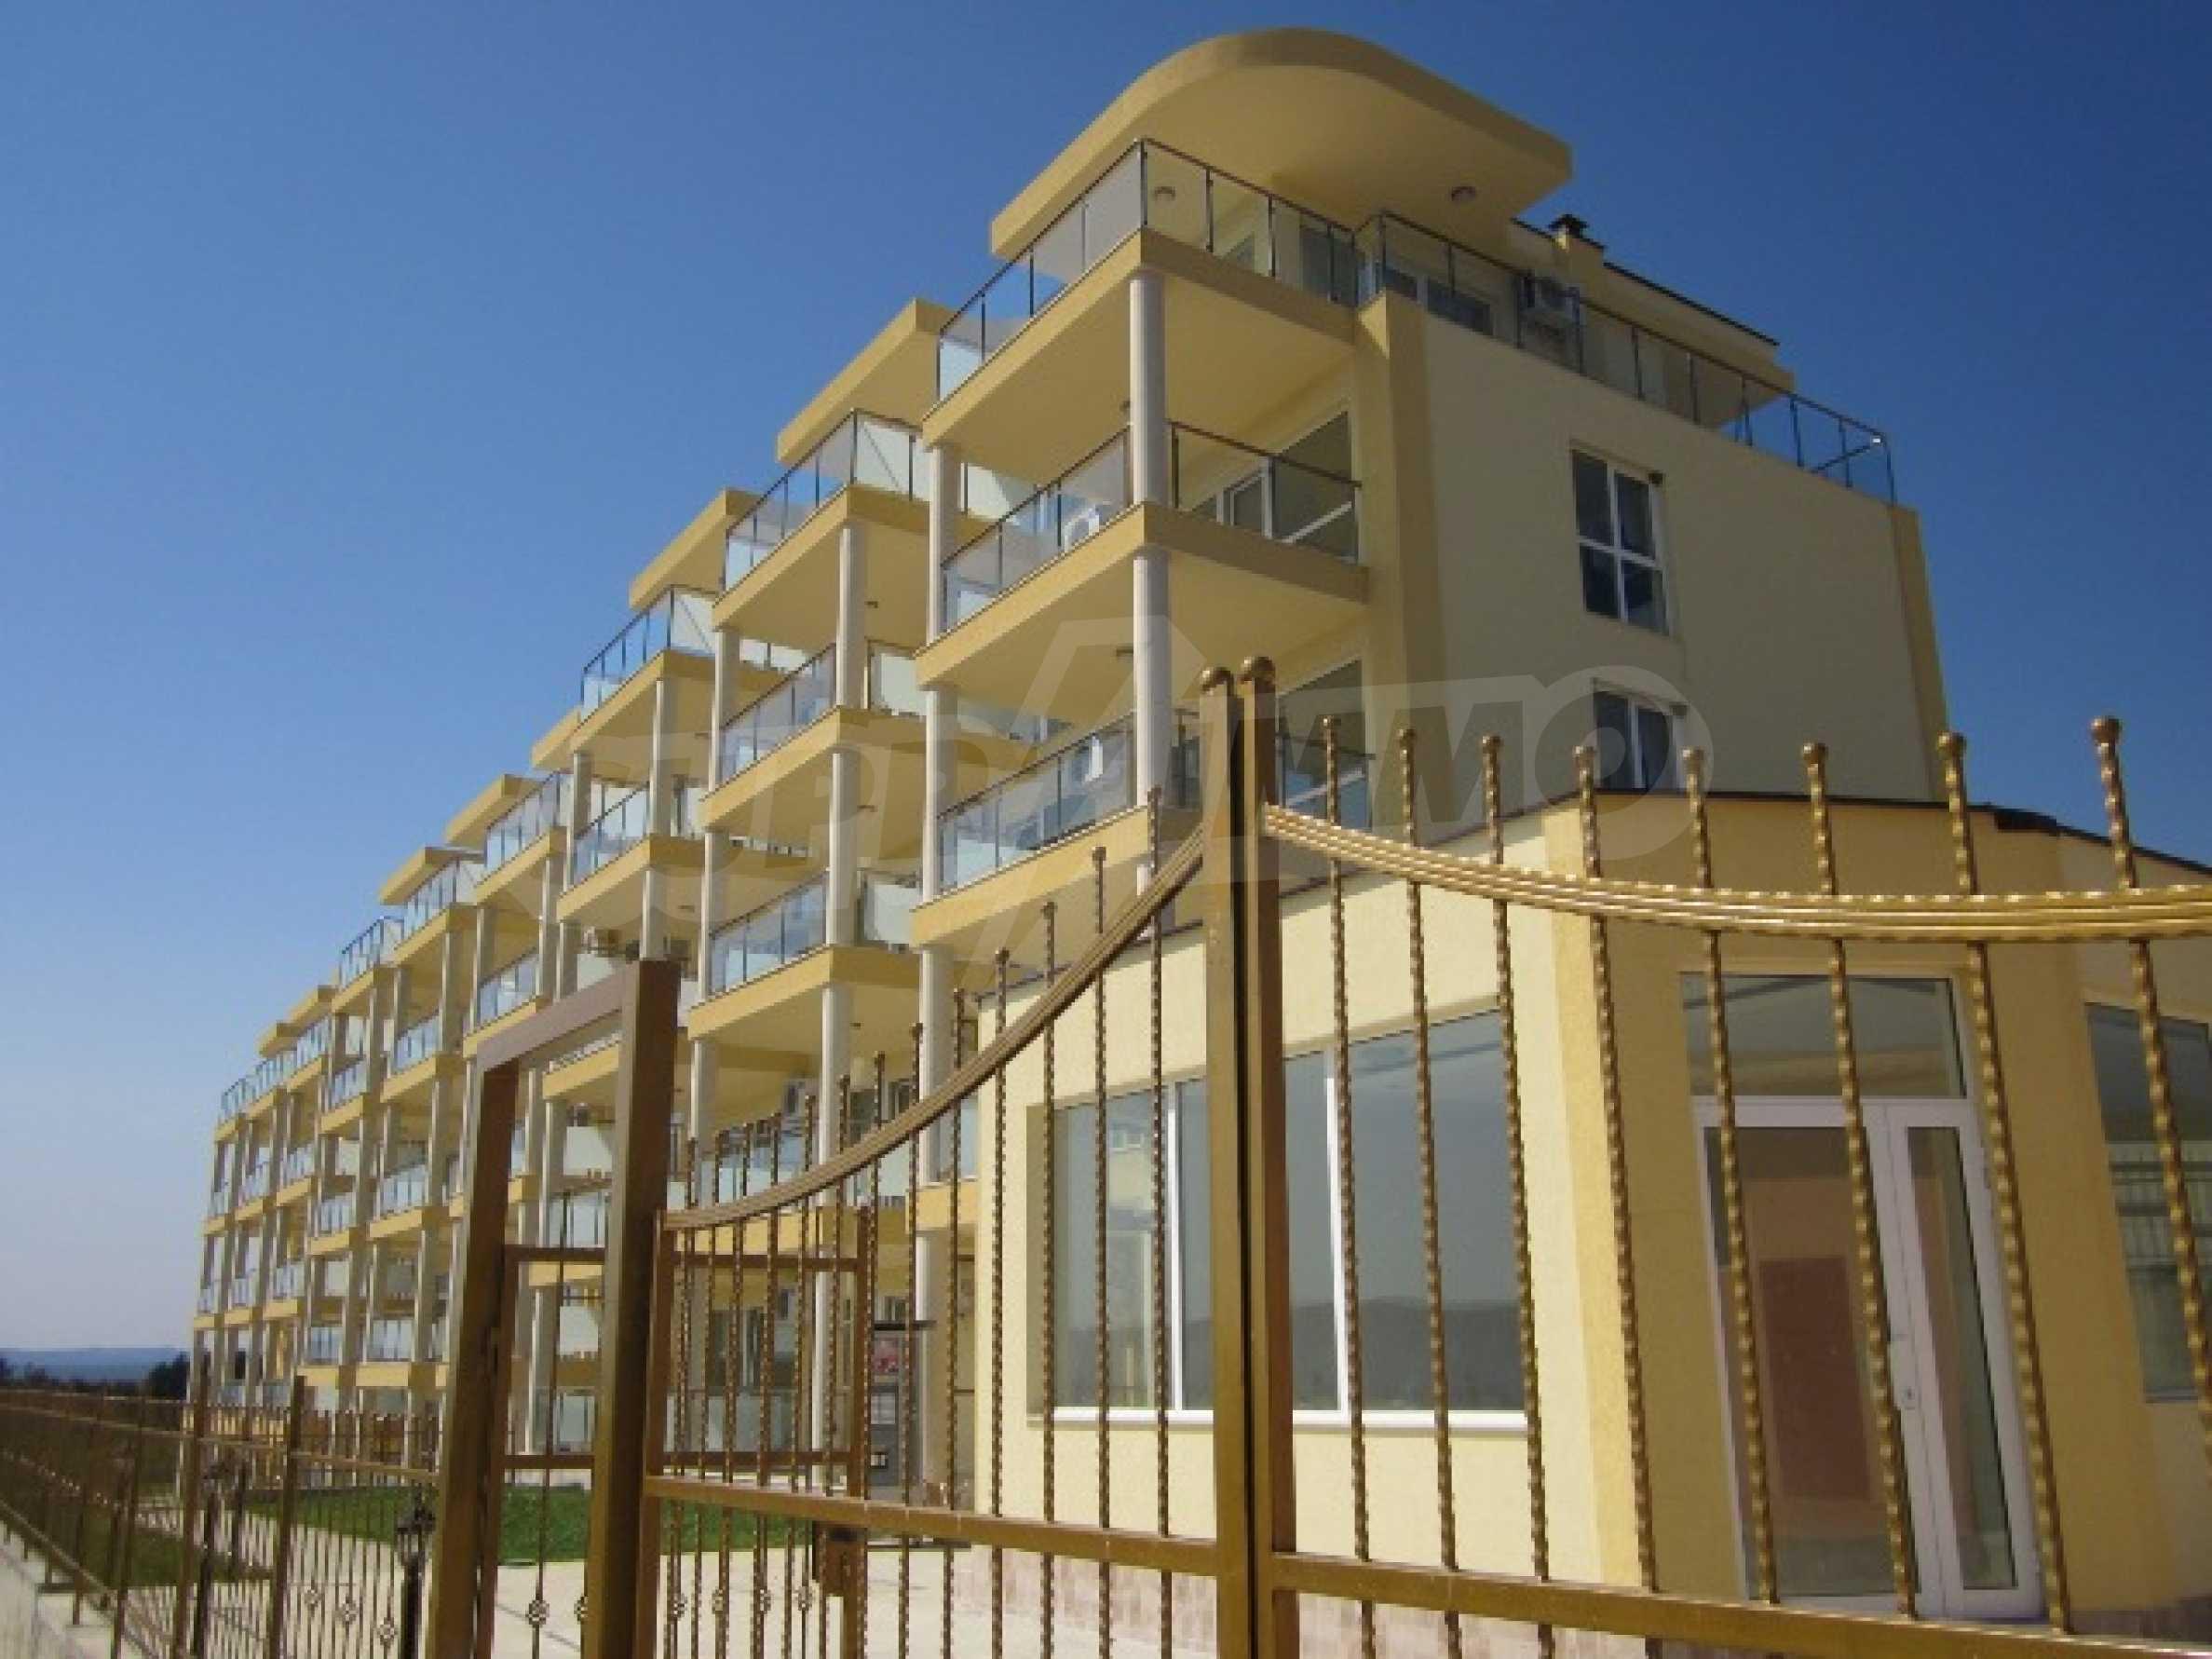 Апартаменти с морска панорама 1